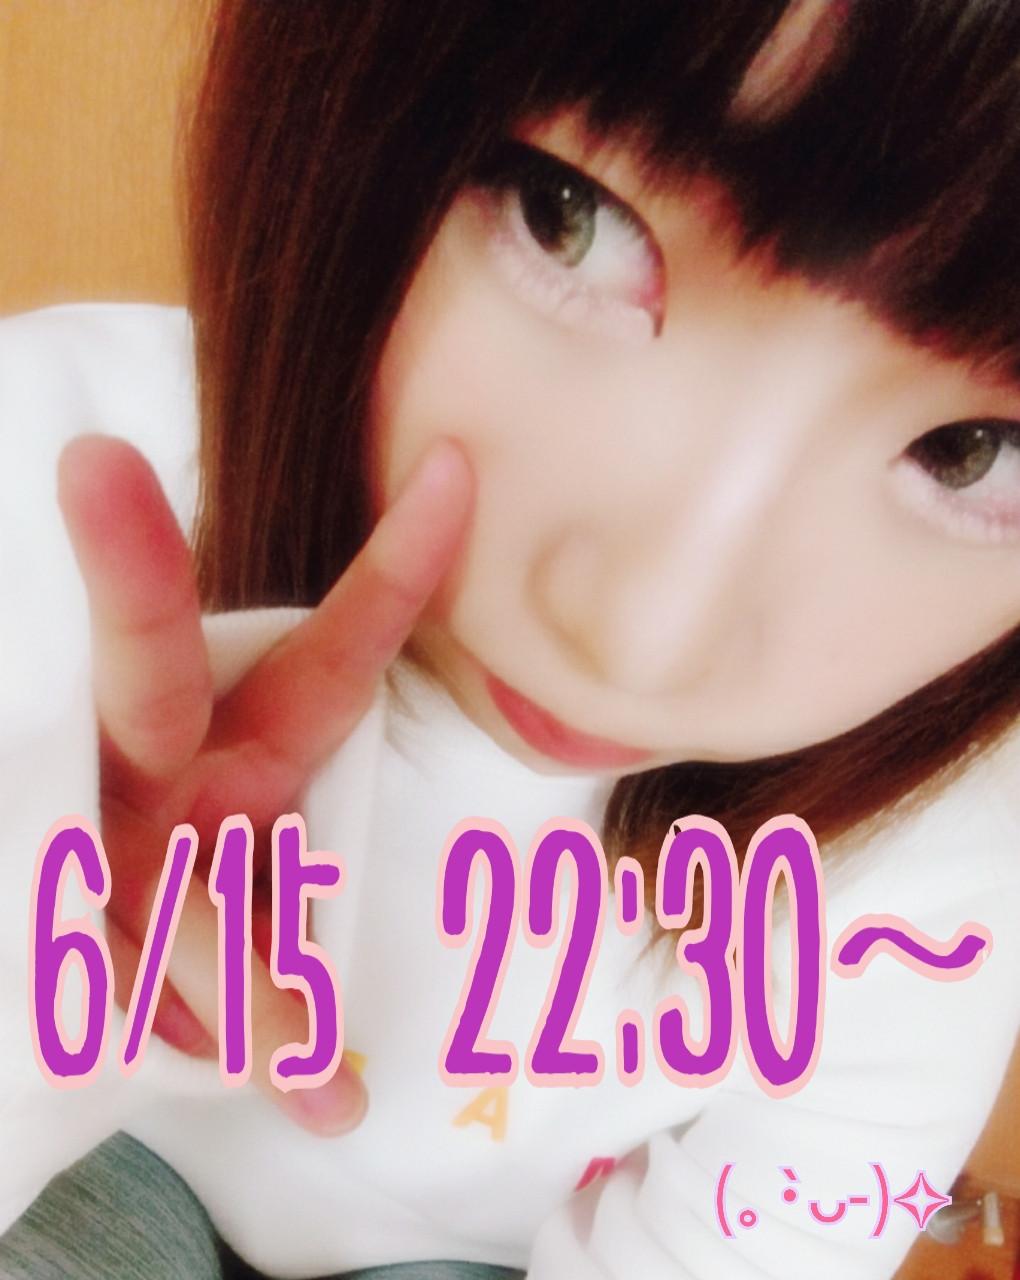 【祝】6/15(土)ハルコ.ちゃん誕生日パーチャ!